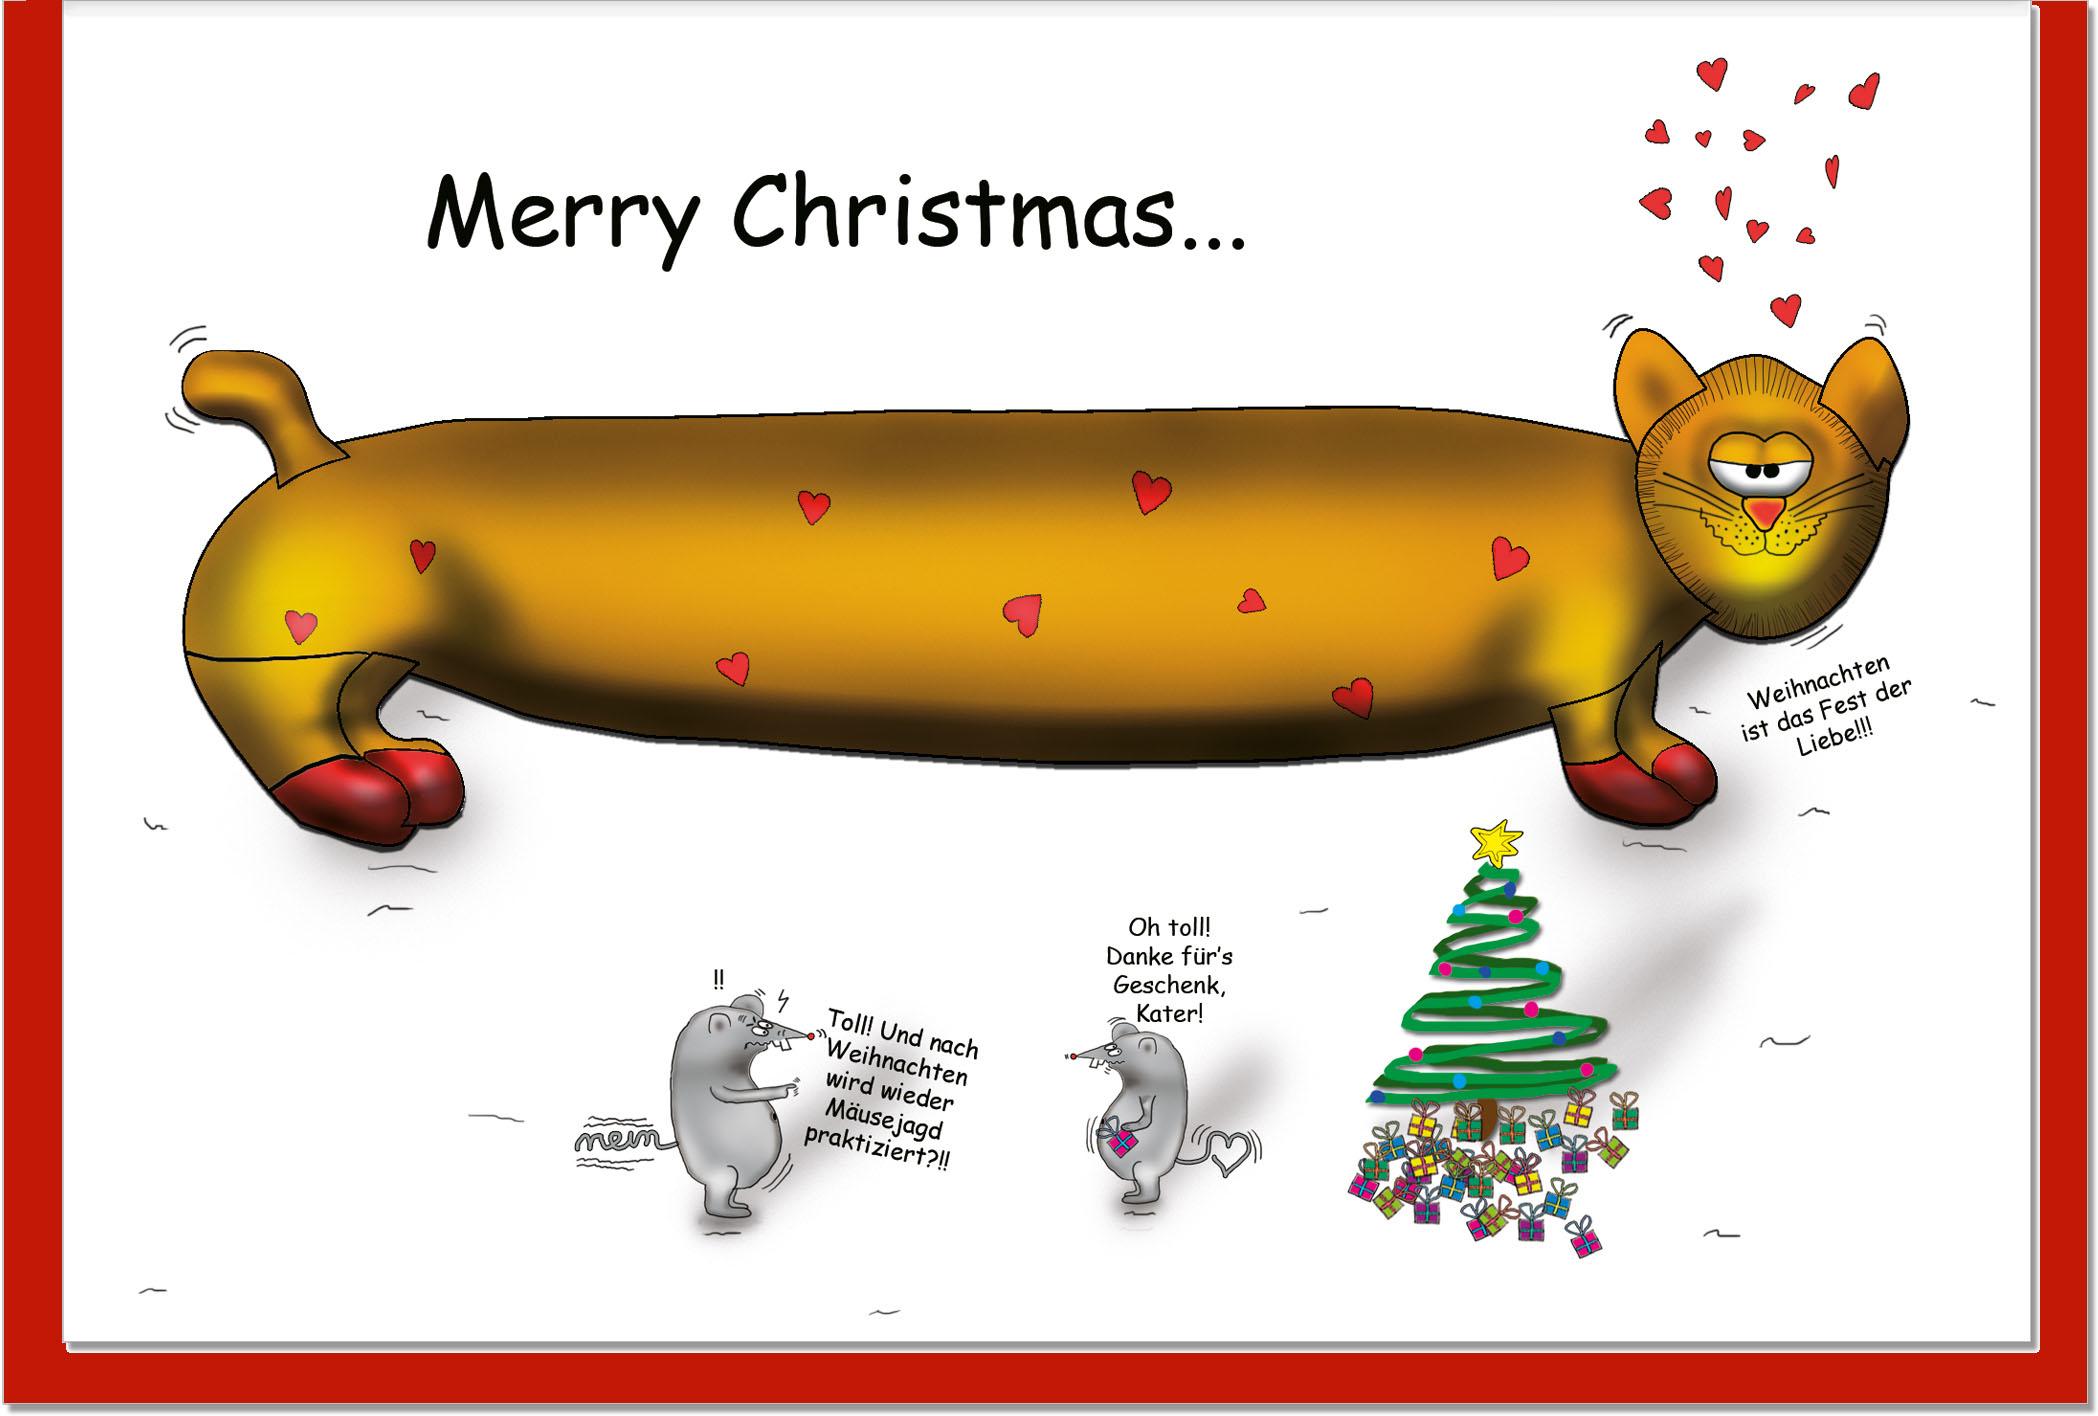 Weihnachtskarten / Grußkarten /Weihnachten Katze